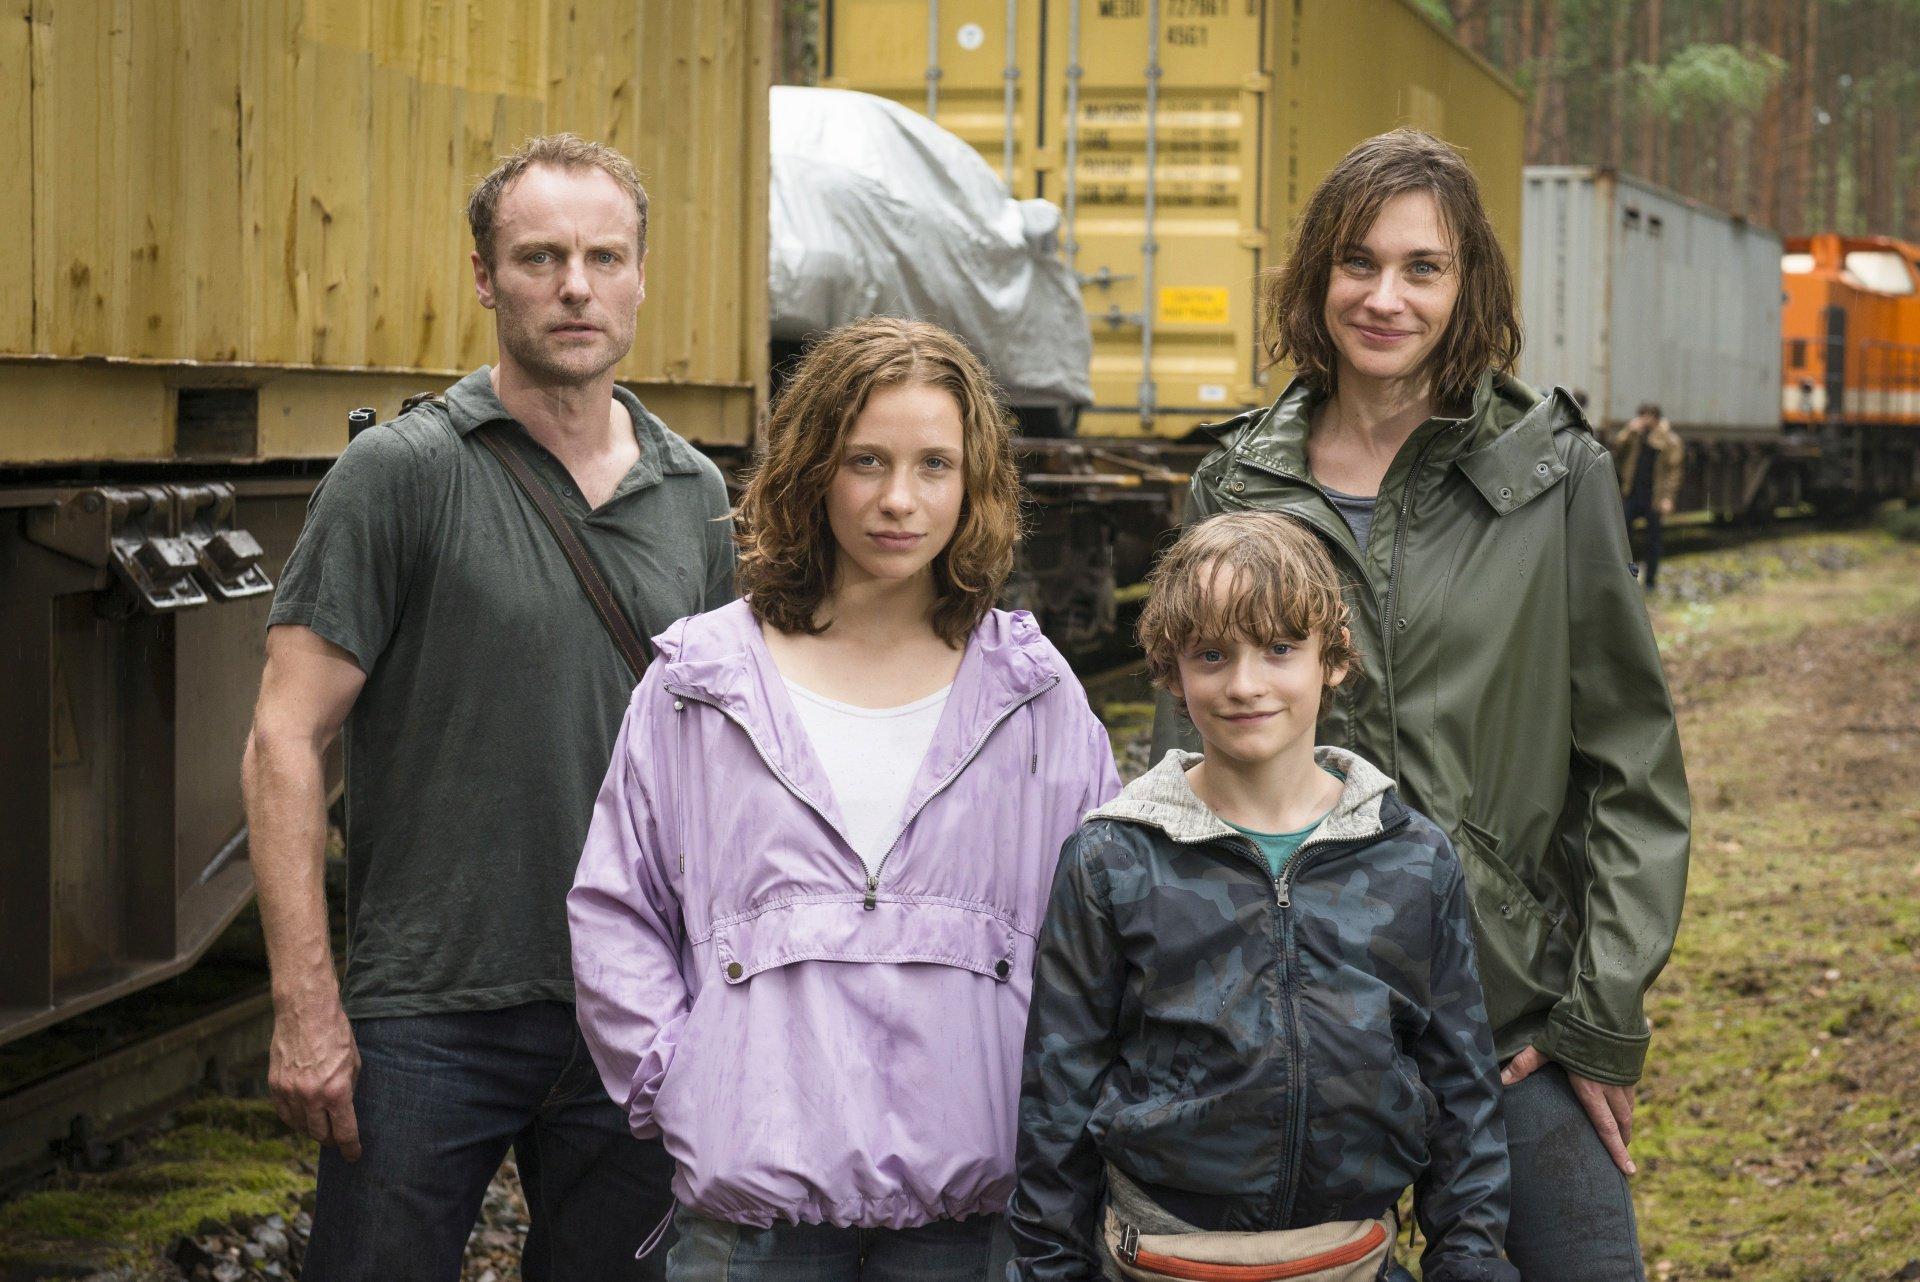 Die Schauspieler Mark Waschke, Lena Klenke, Claude Heinrich und Christiane Paul (v.l.n.r.) am Set von ACHT TAGE